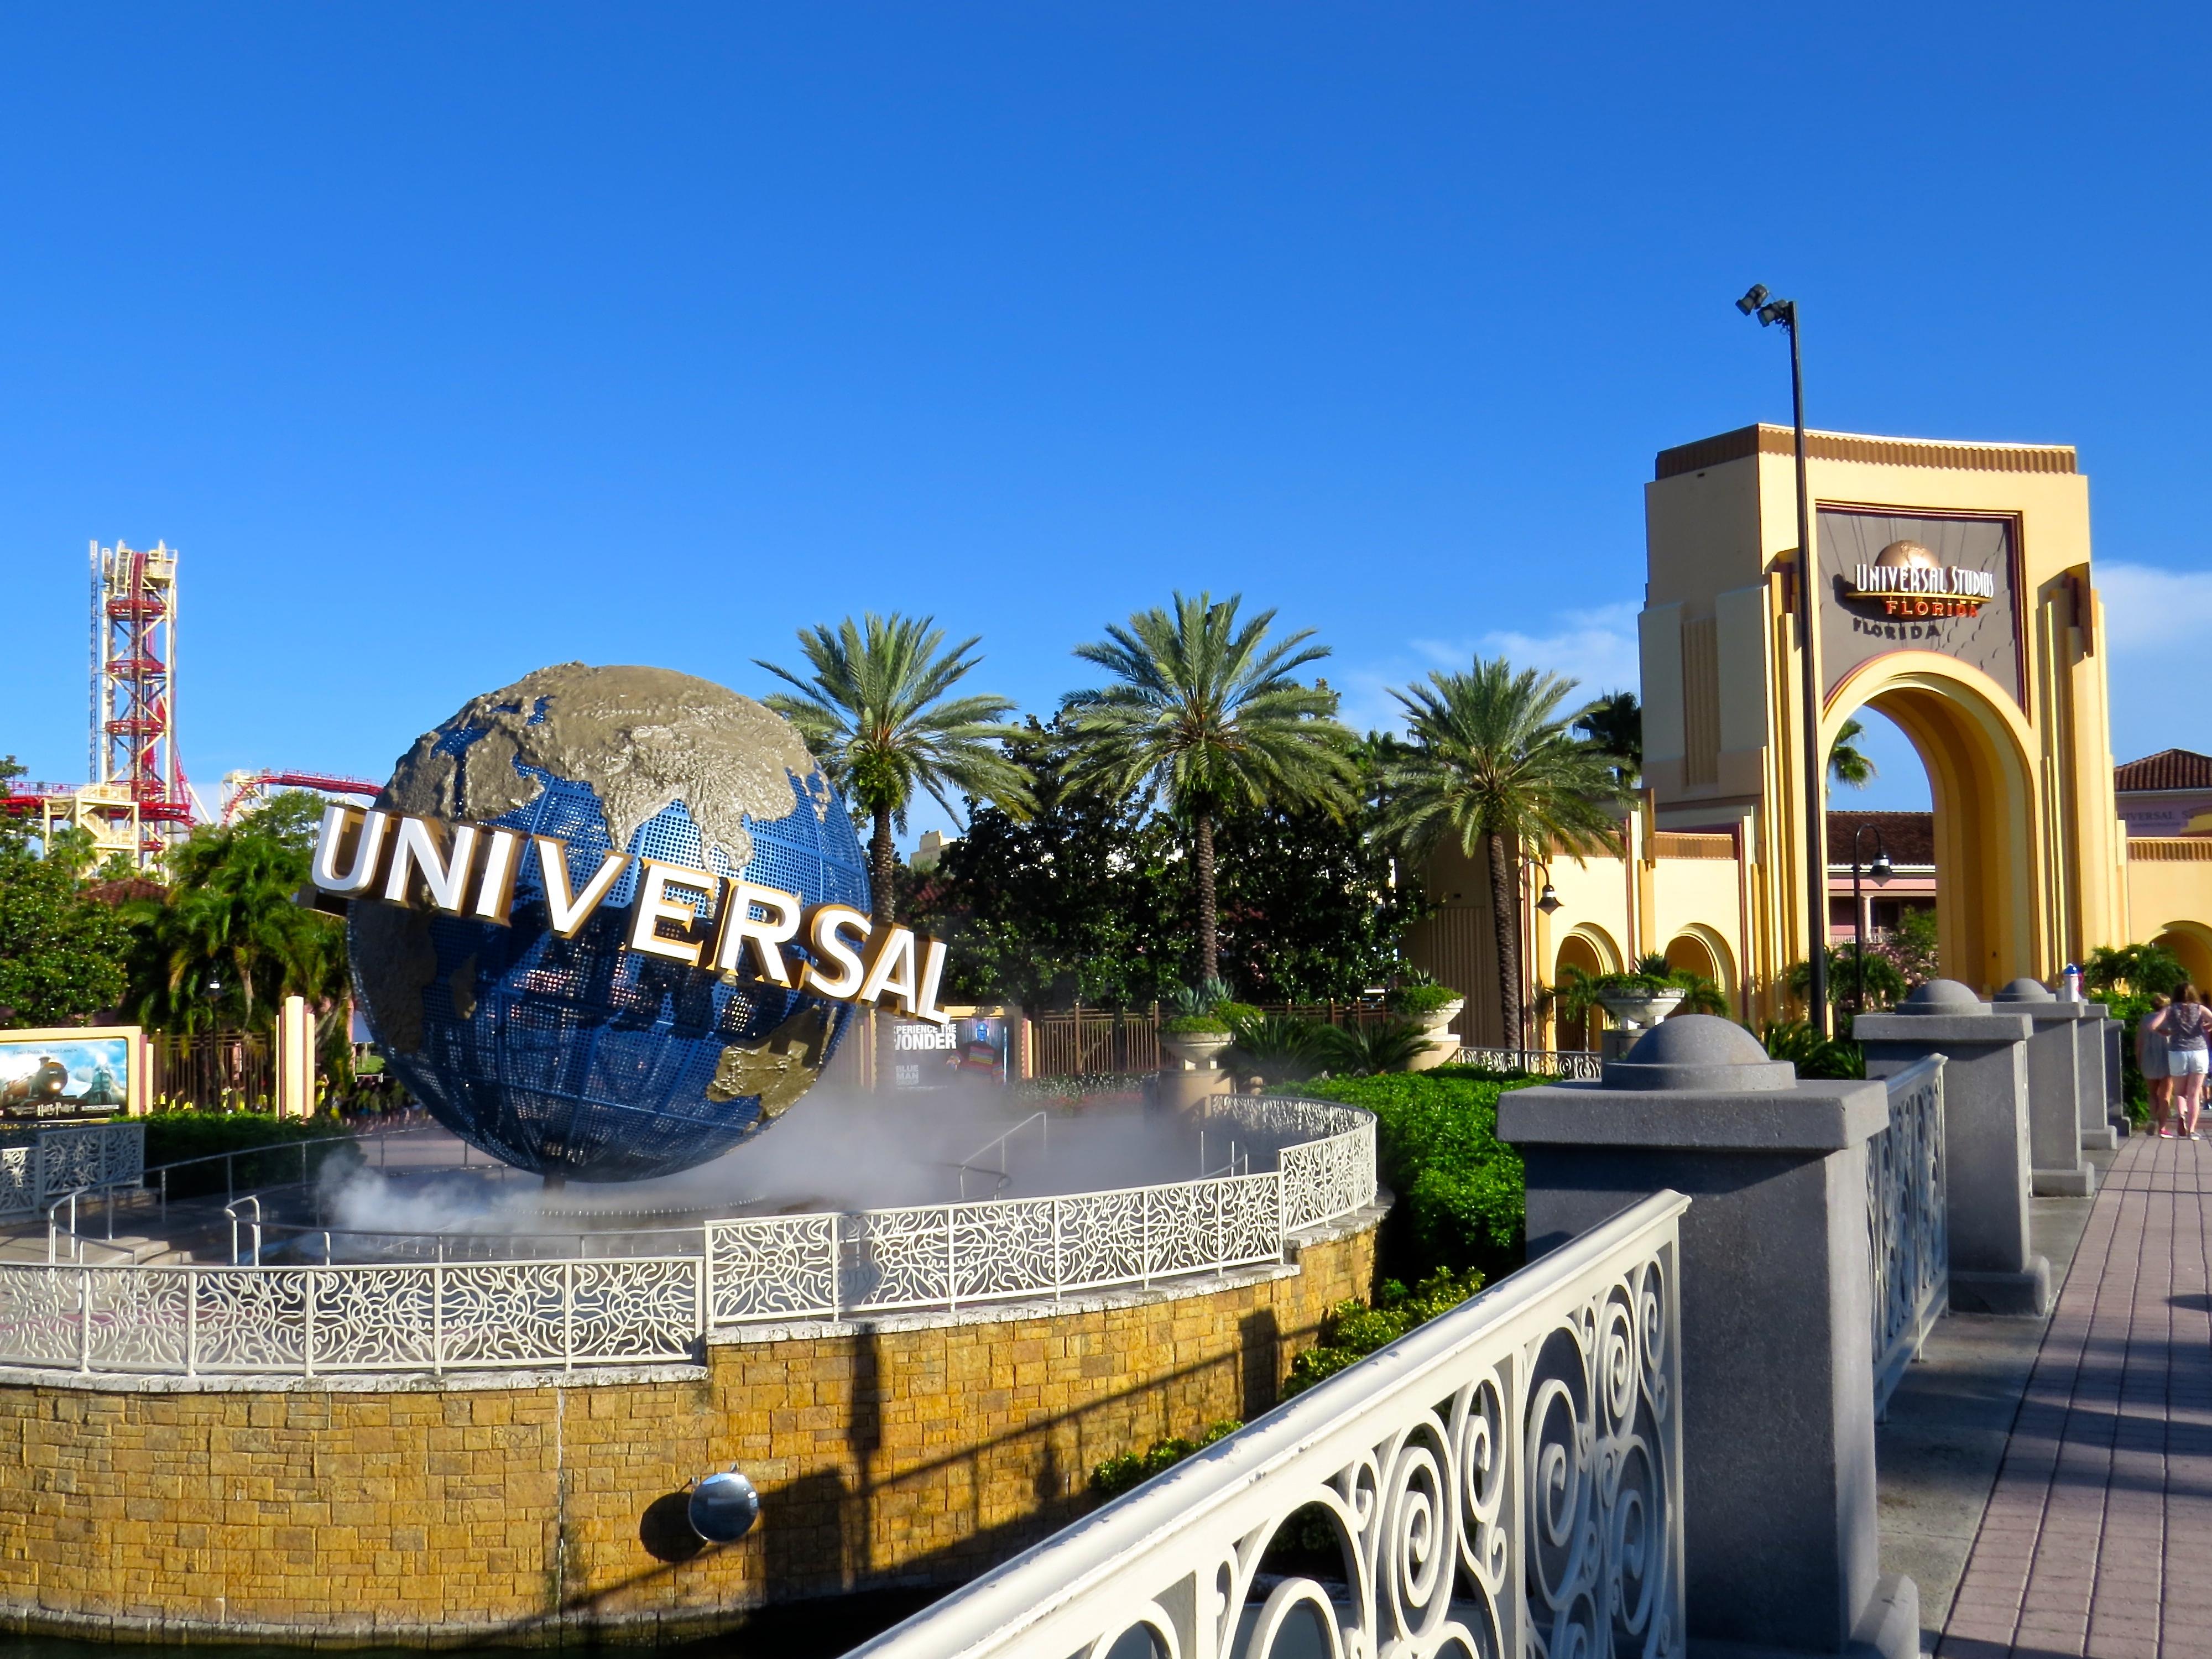 Di rio de viagem road trip usa universal orlando resort for Hotels universal orlando